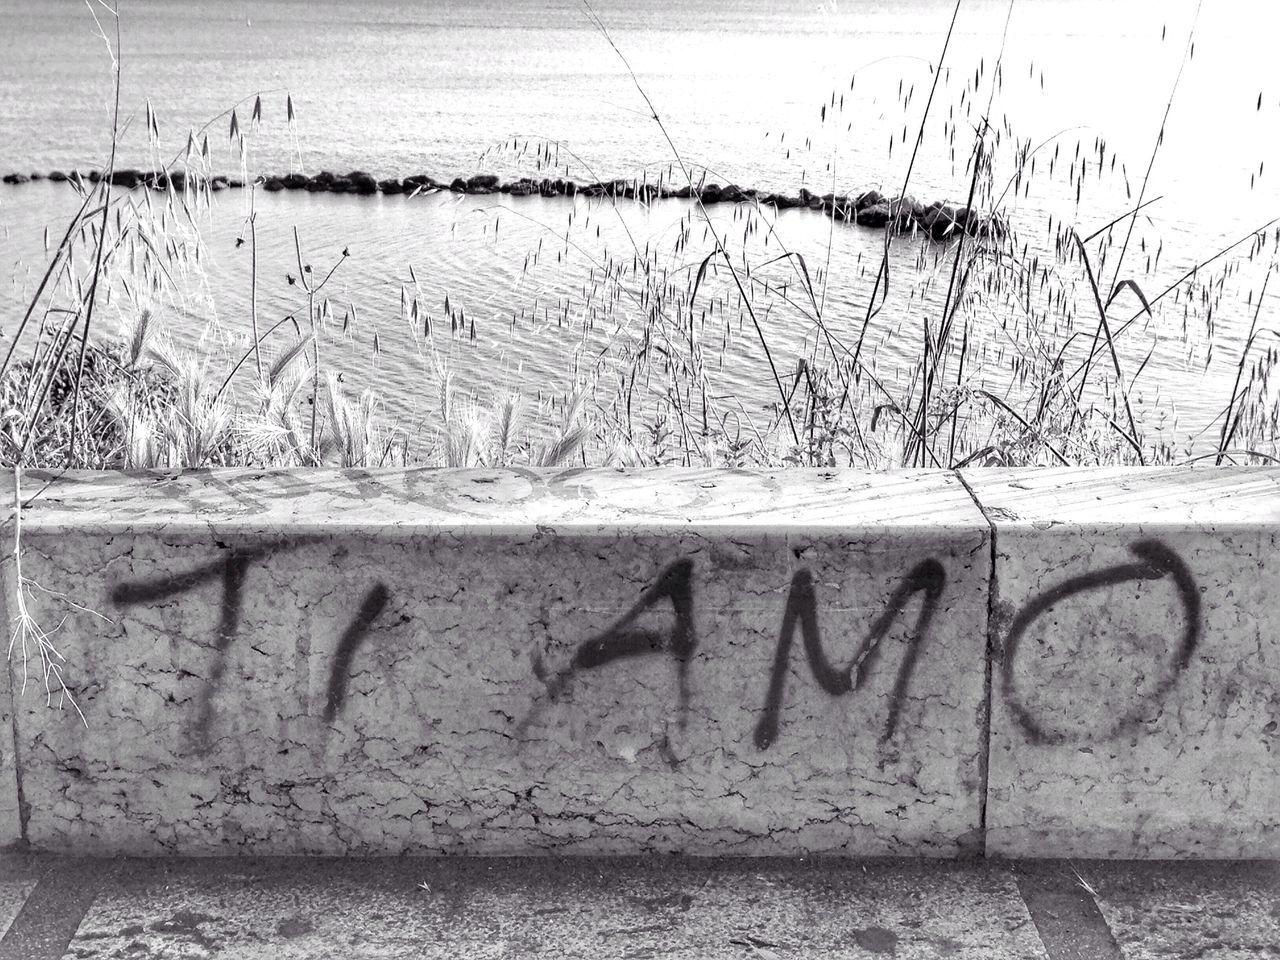 Tiamo Iloveyou Scritta Segno Graffiti Mare Lungomare Sea Sign Written Message